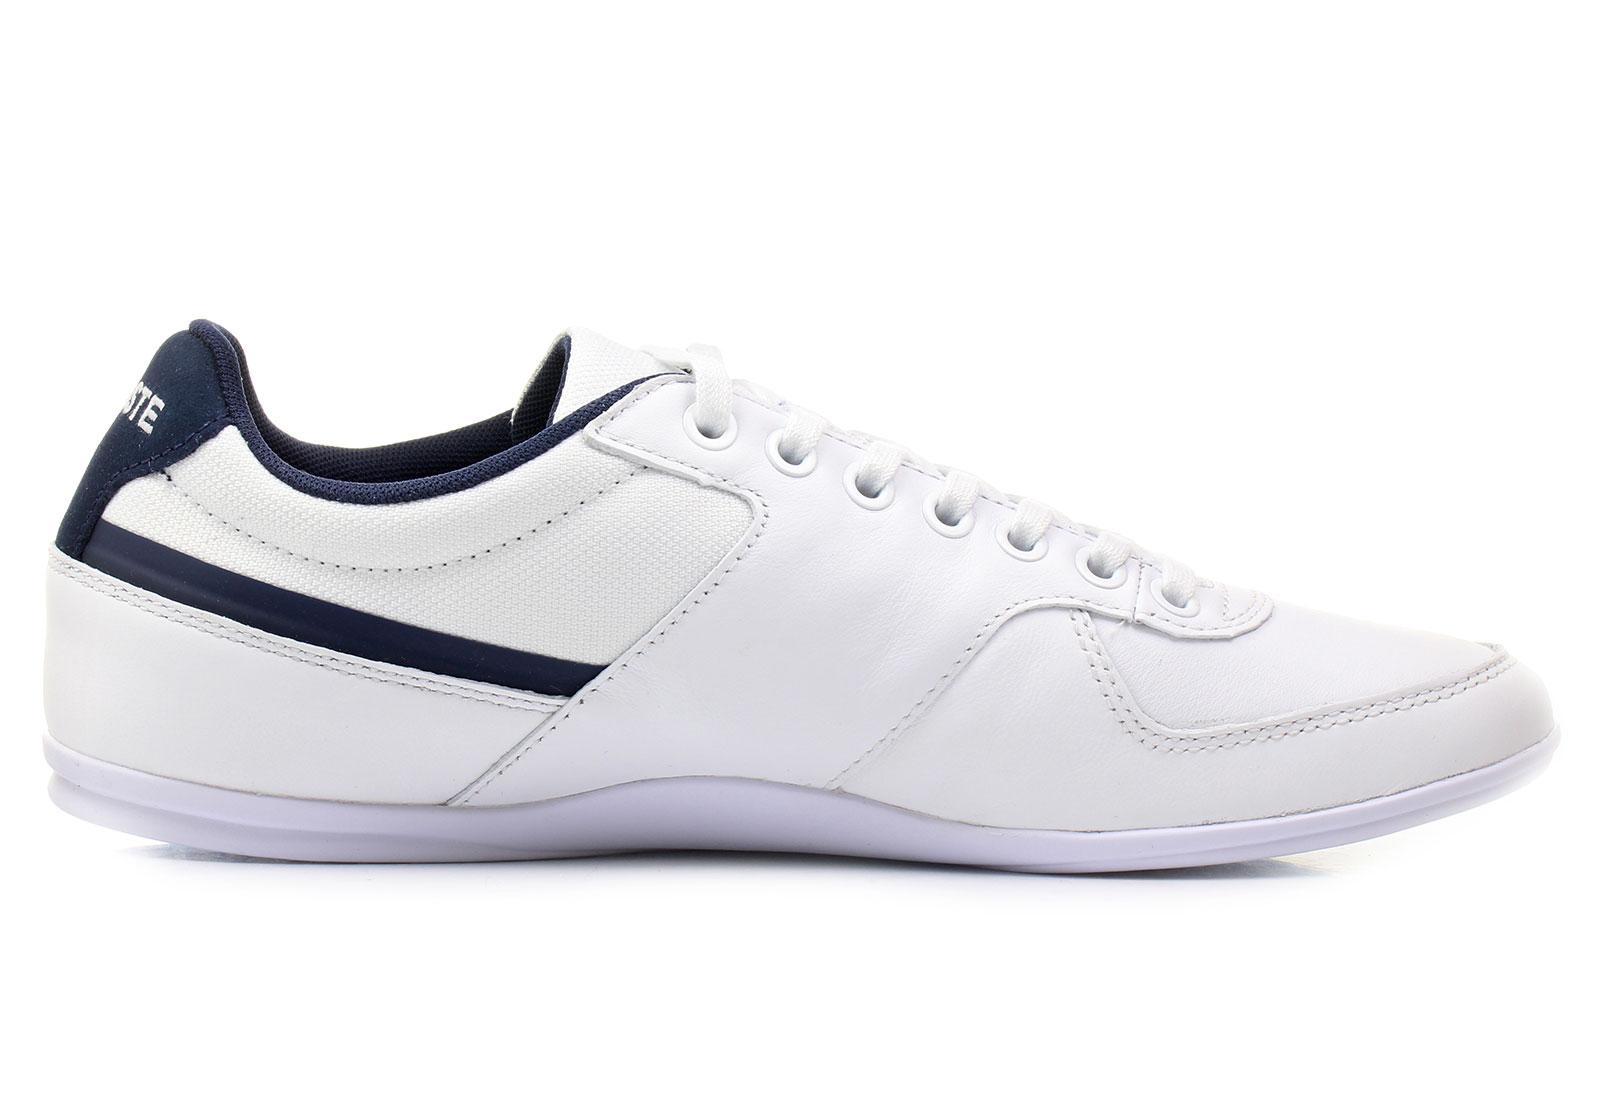 lacoste shoes taloire sport 1 161spm0037 001